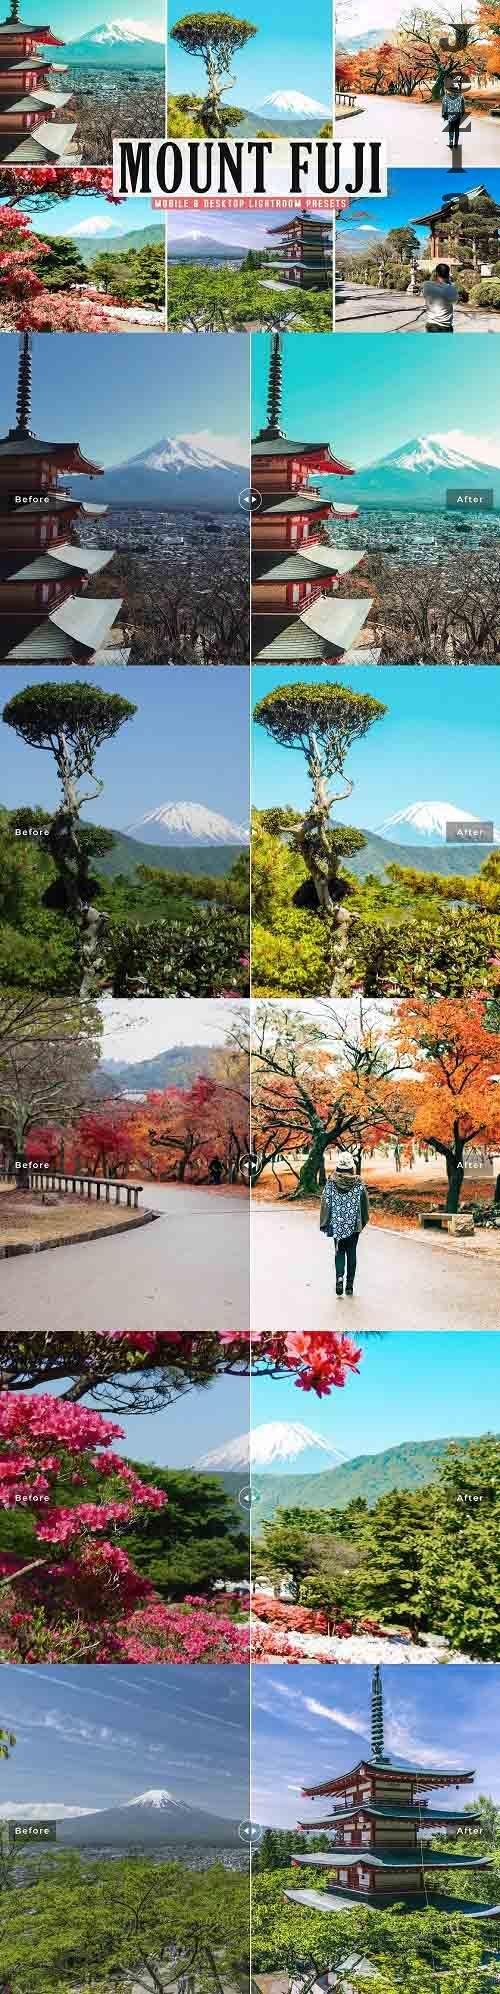 Mount Fuji Pro Lightroom Presets - 5669227 - Mobile & Desktop